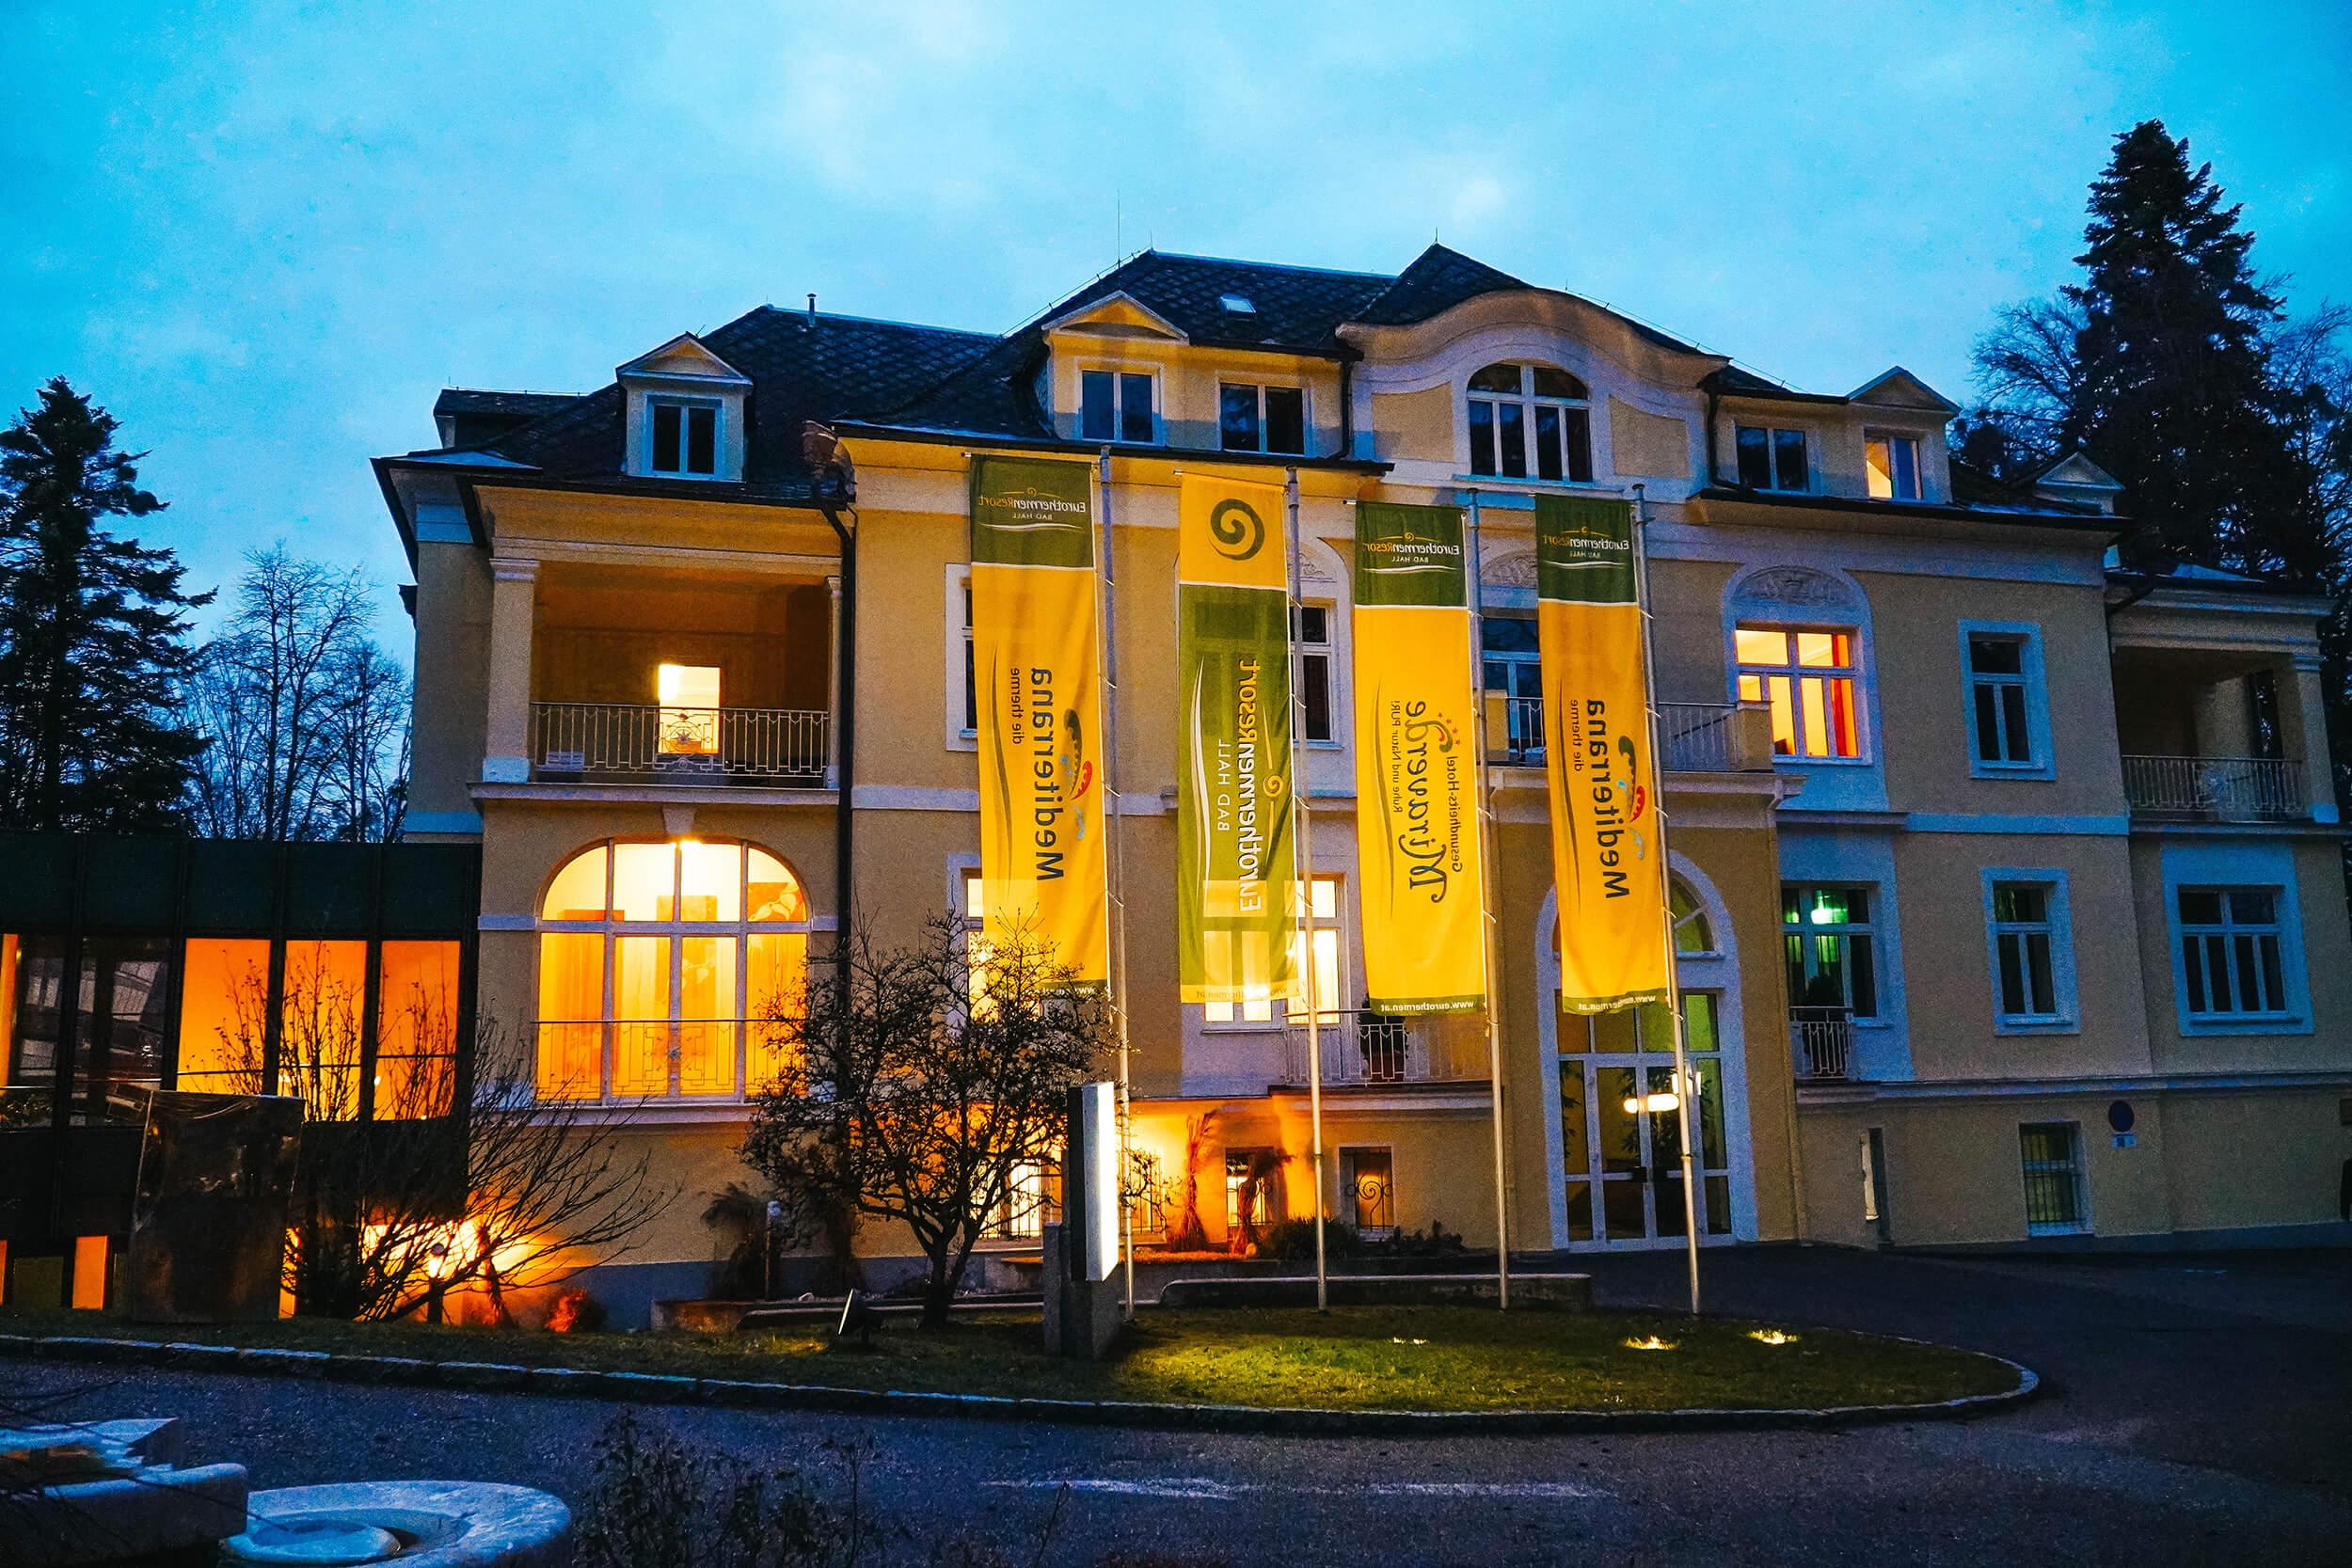 Ganzheitliche Wellness im Eurothermen Hotel Miraverde